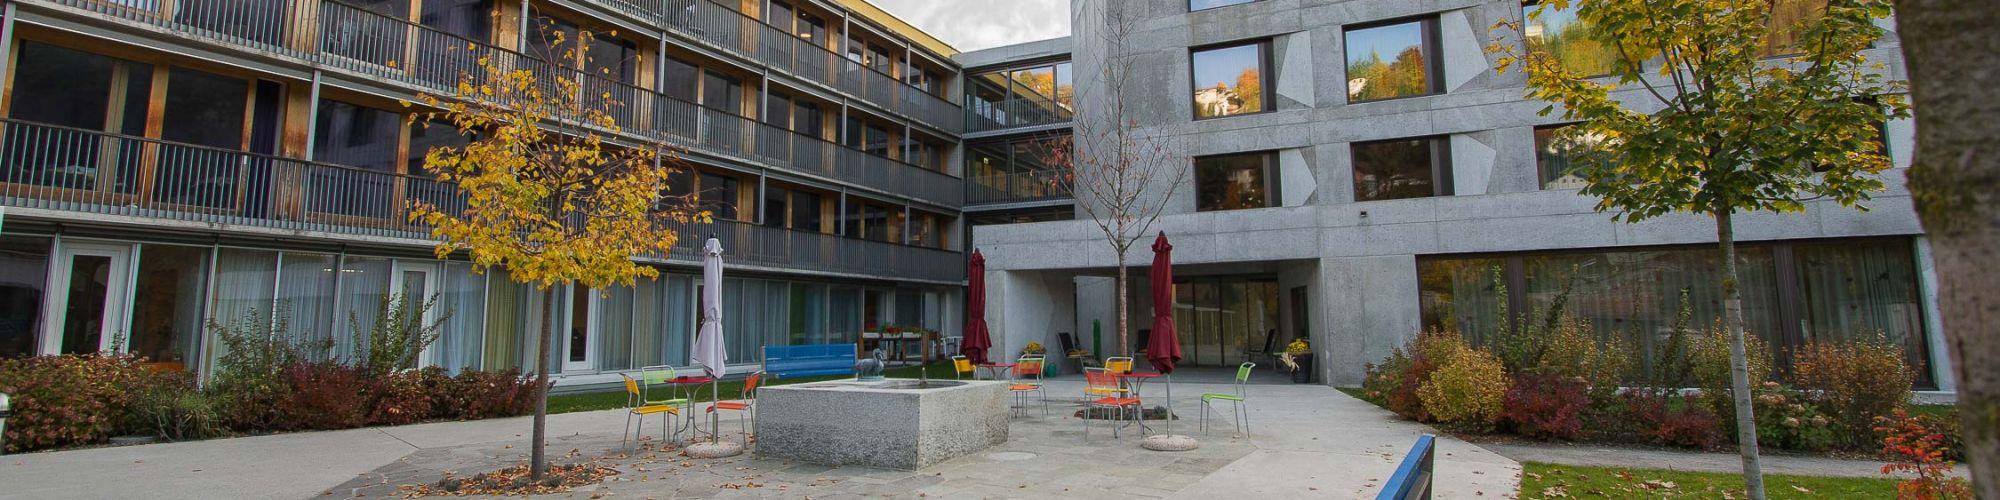 Evangelisches Pflege- und Altersheim Thusis